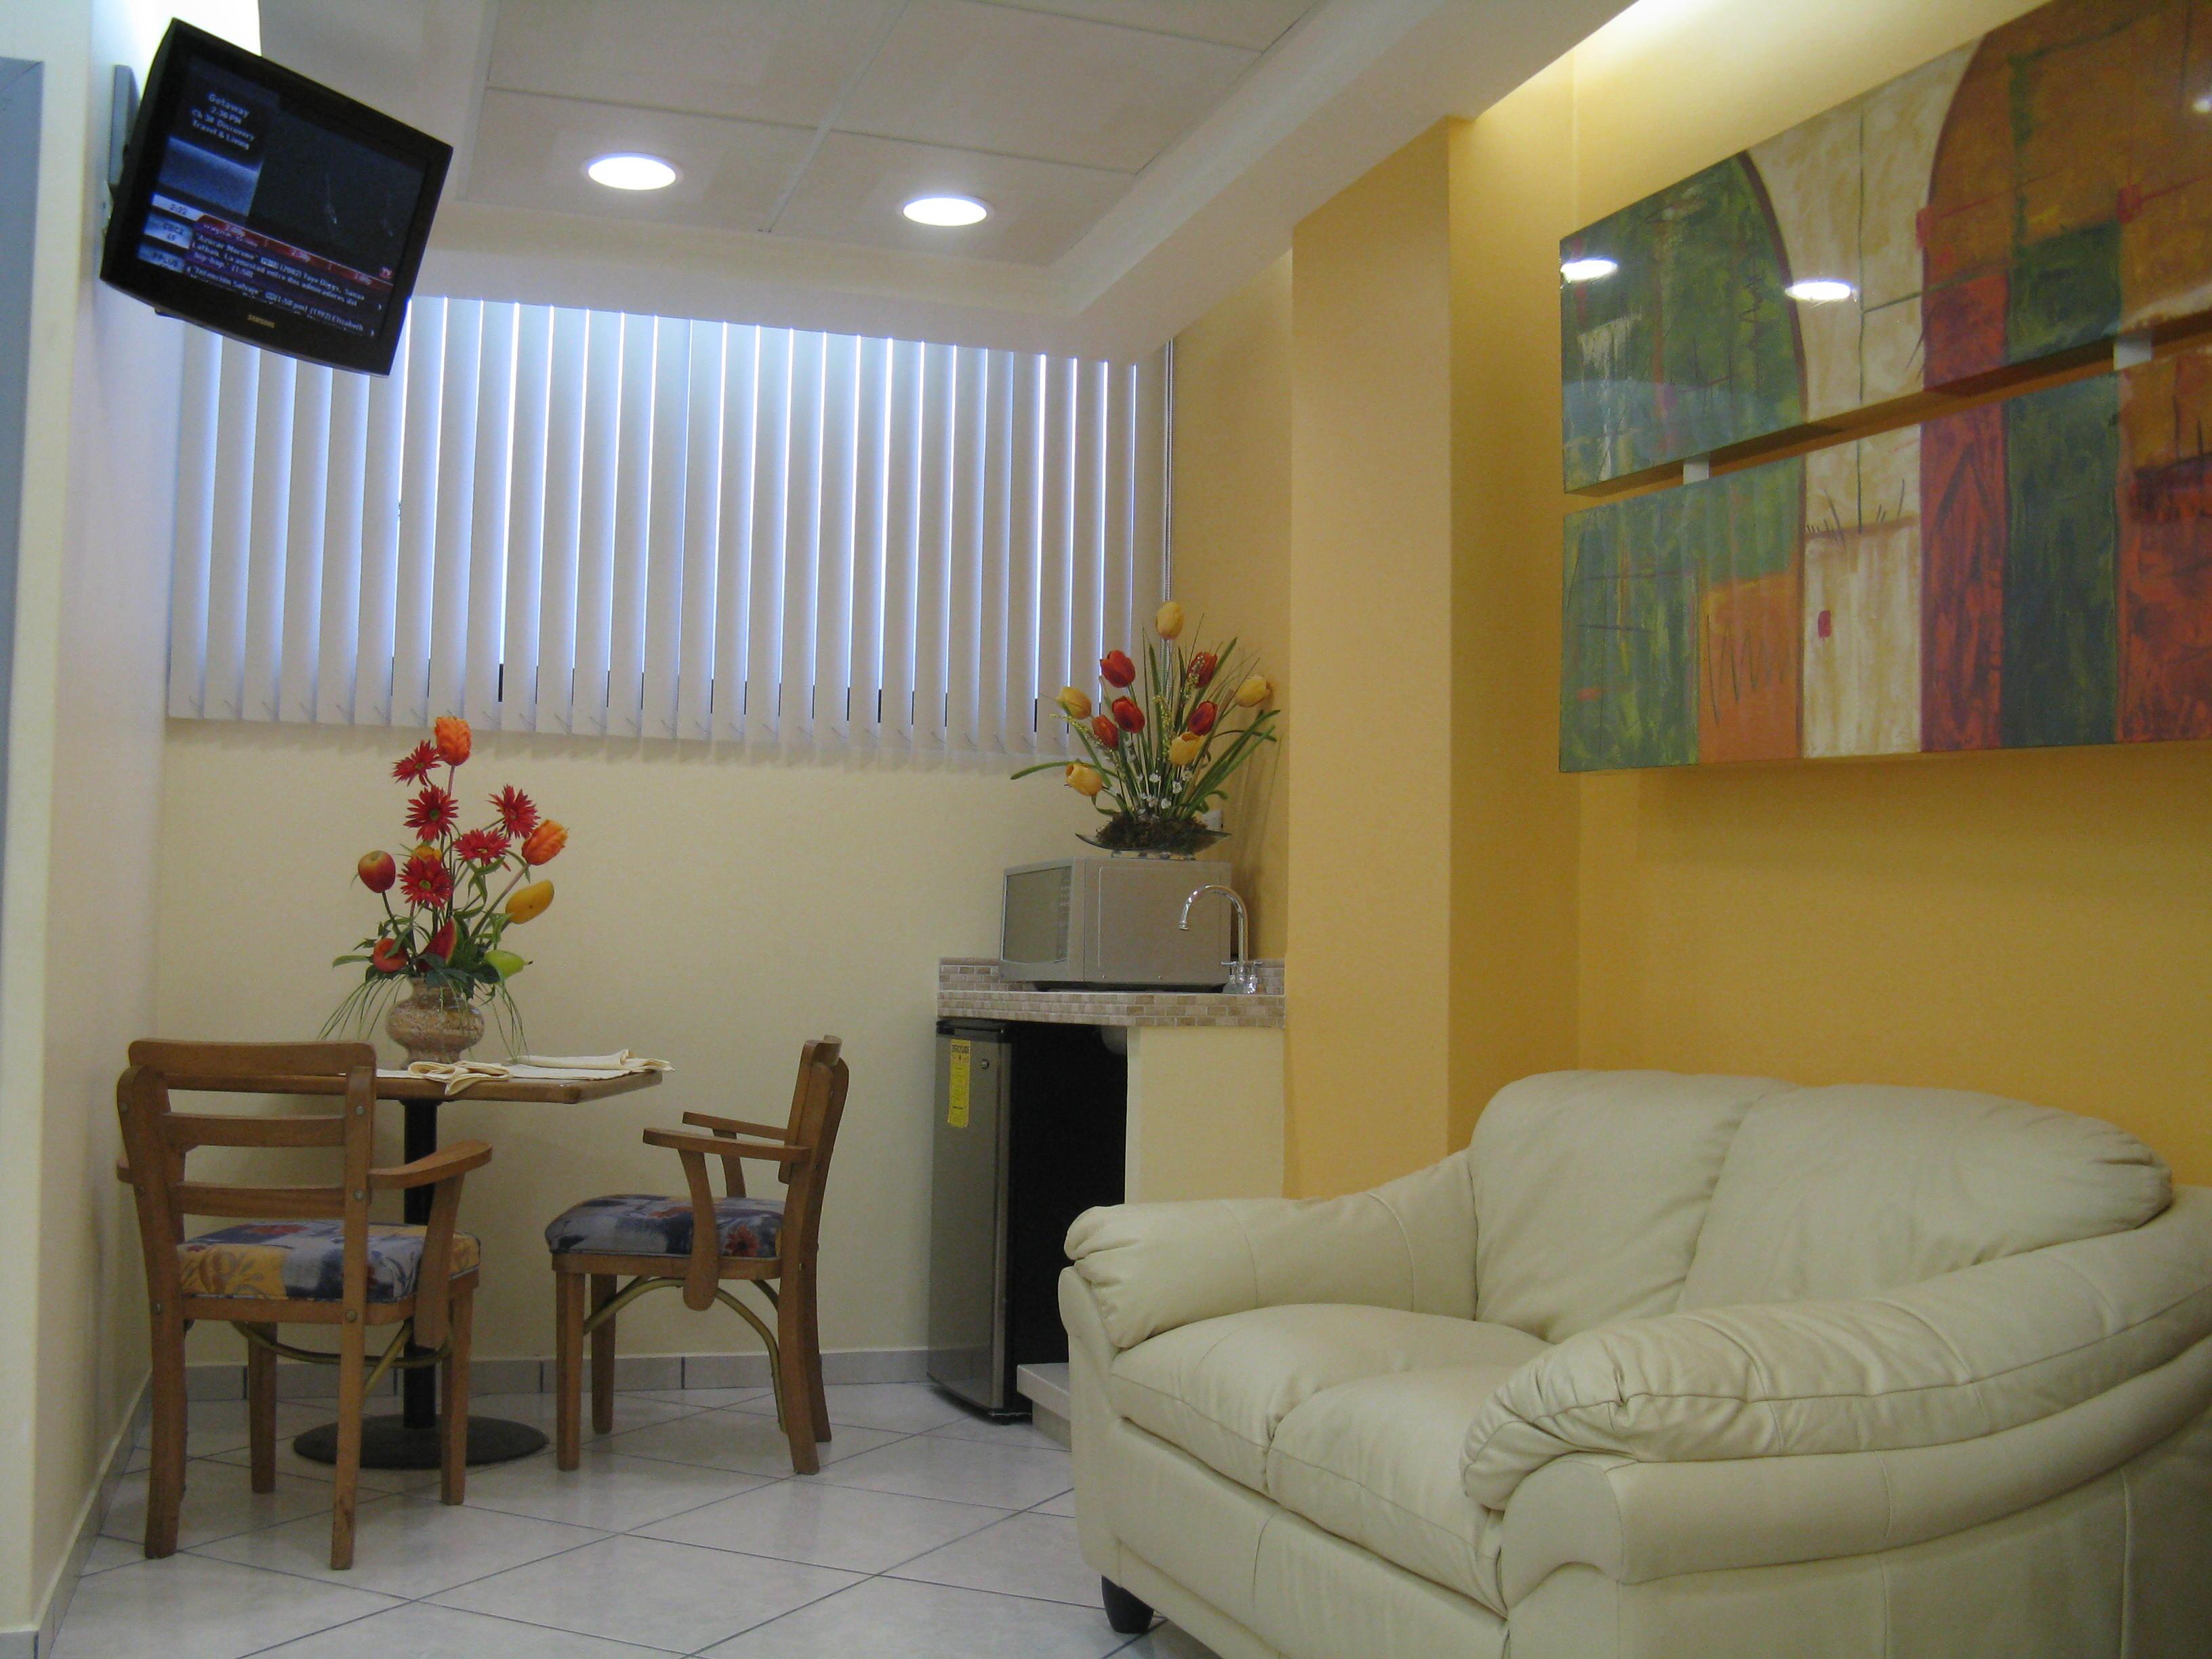 Las Suites cuentan con amplios espacios para los familiares y visitantes